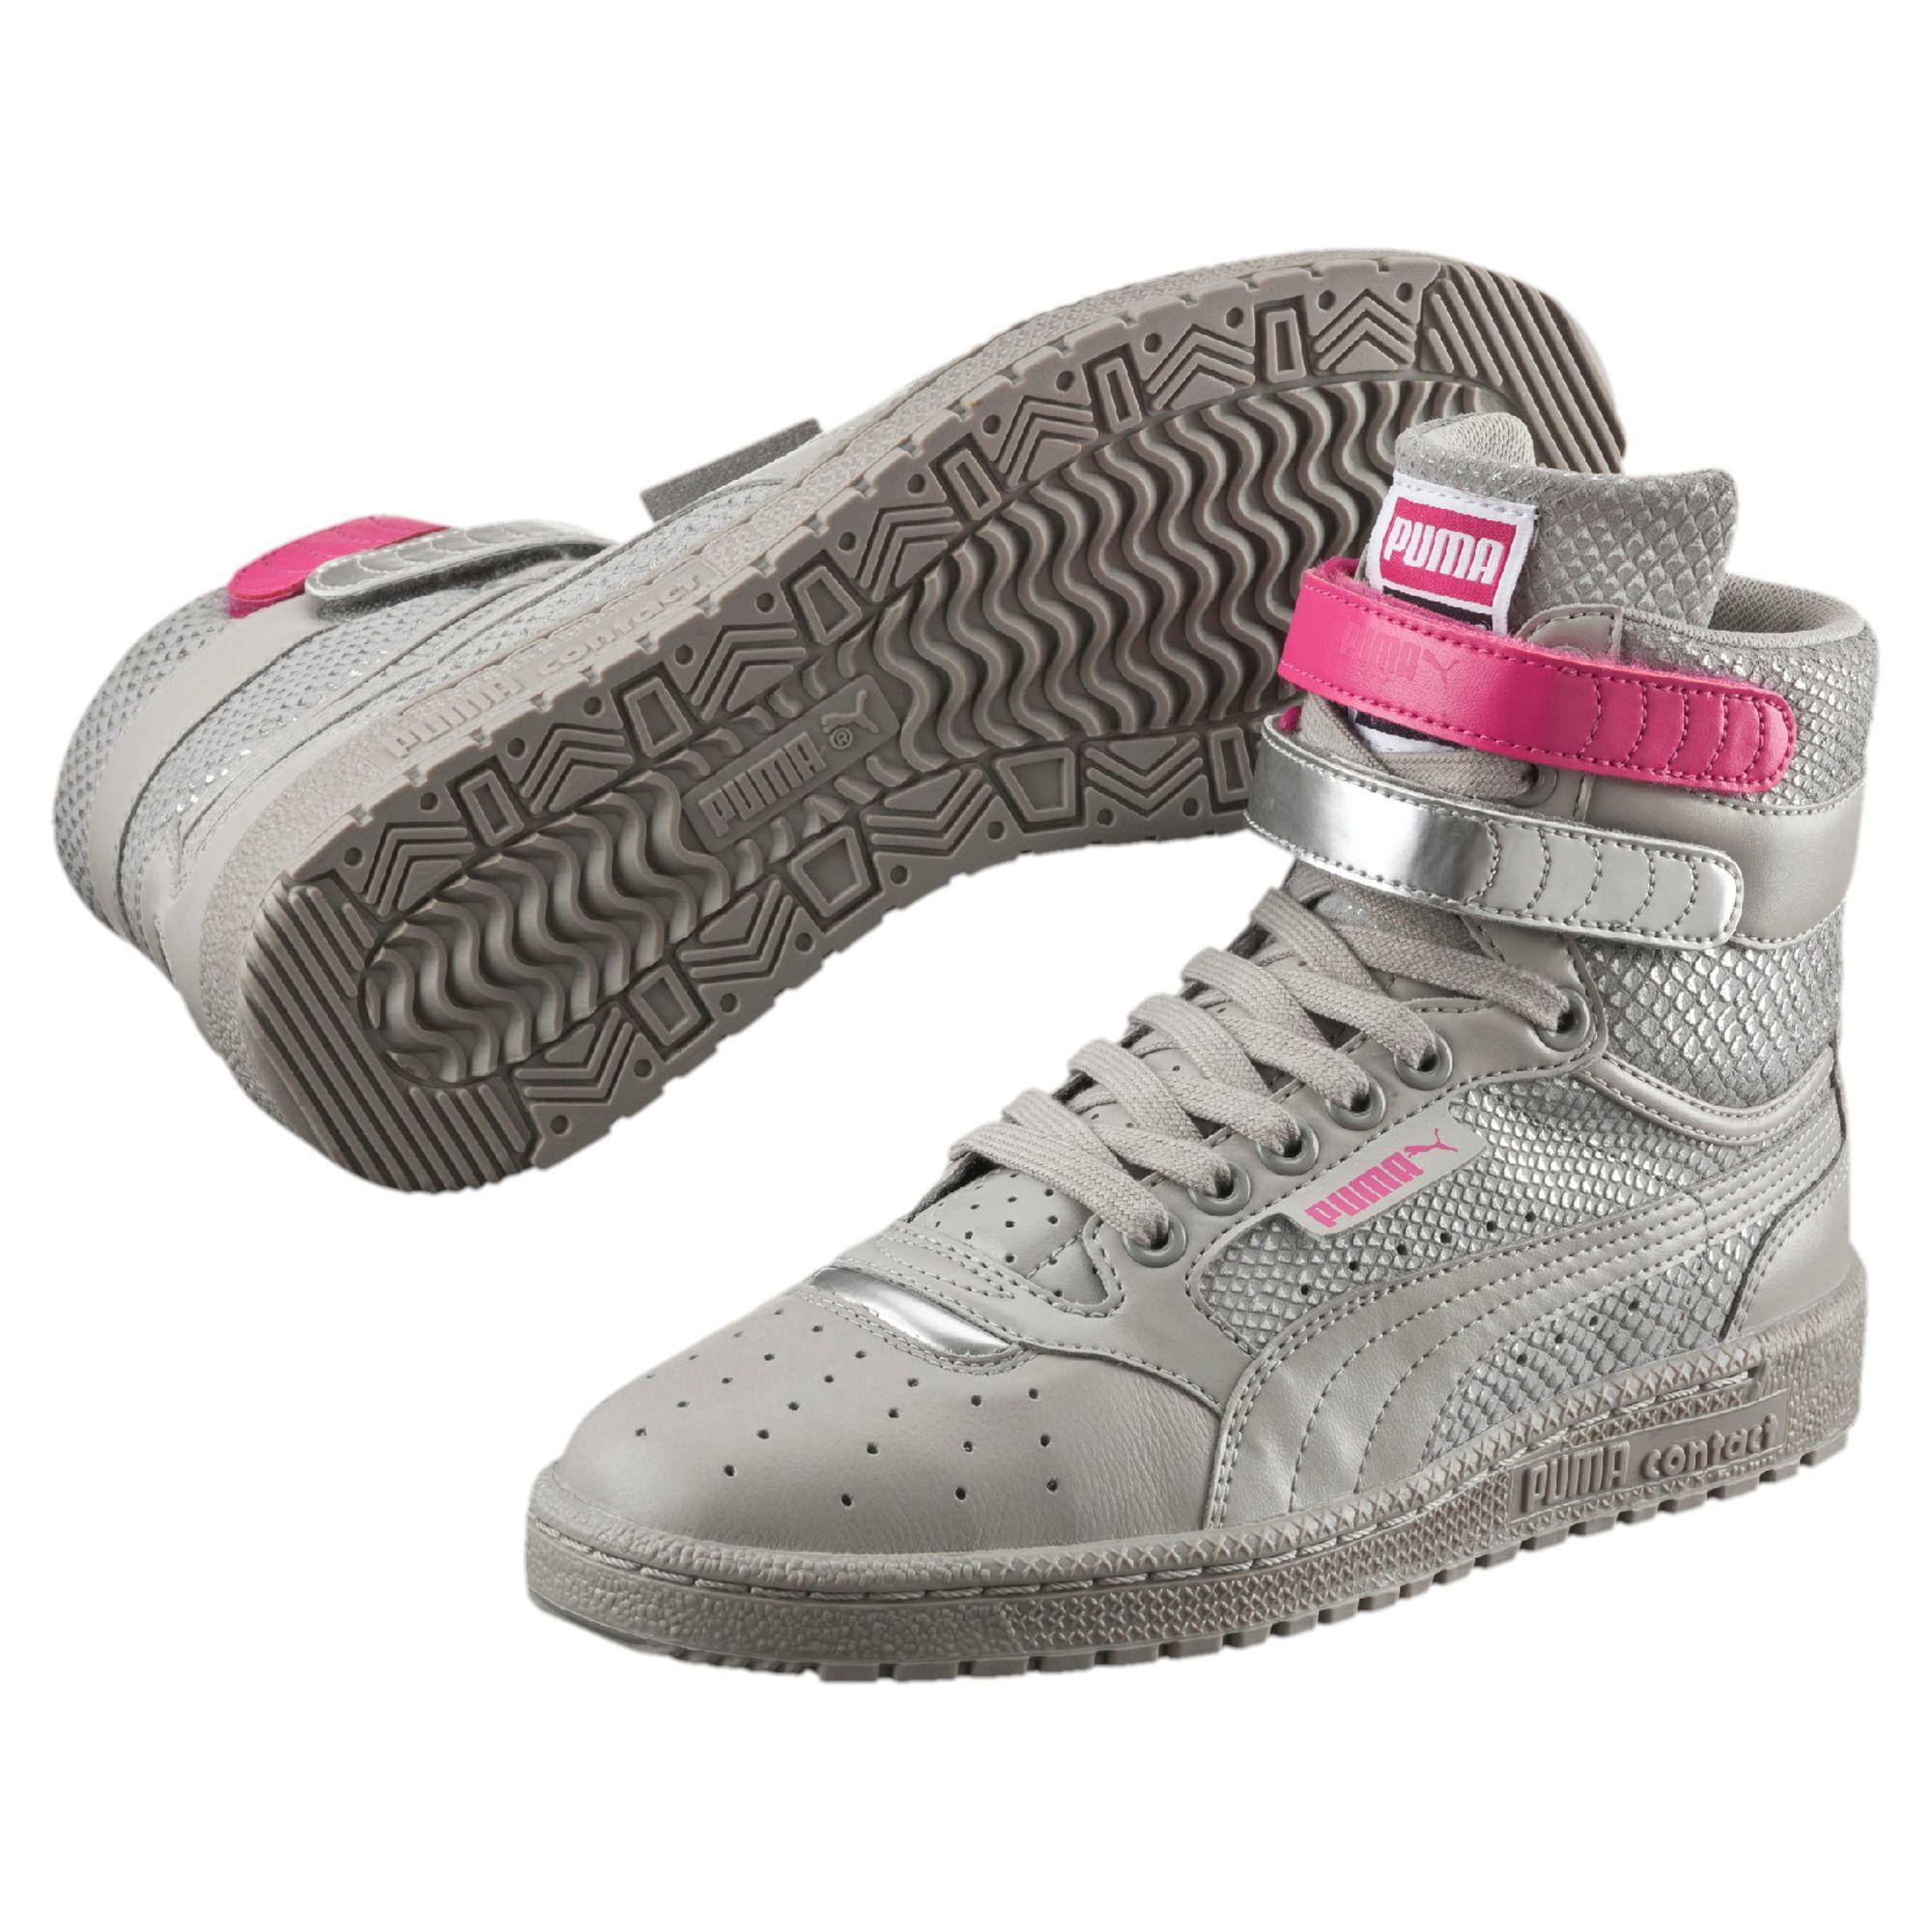 Lyst - PUMA Sky Ii Hi Future Minimal Women s Sneakers 71114057b